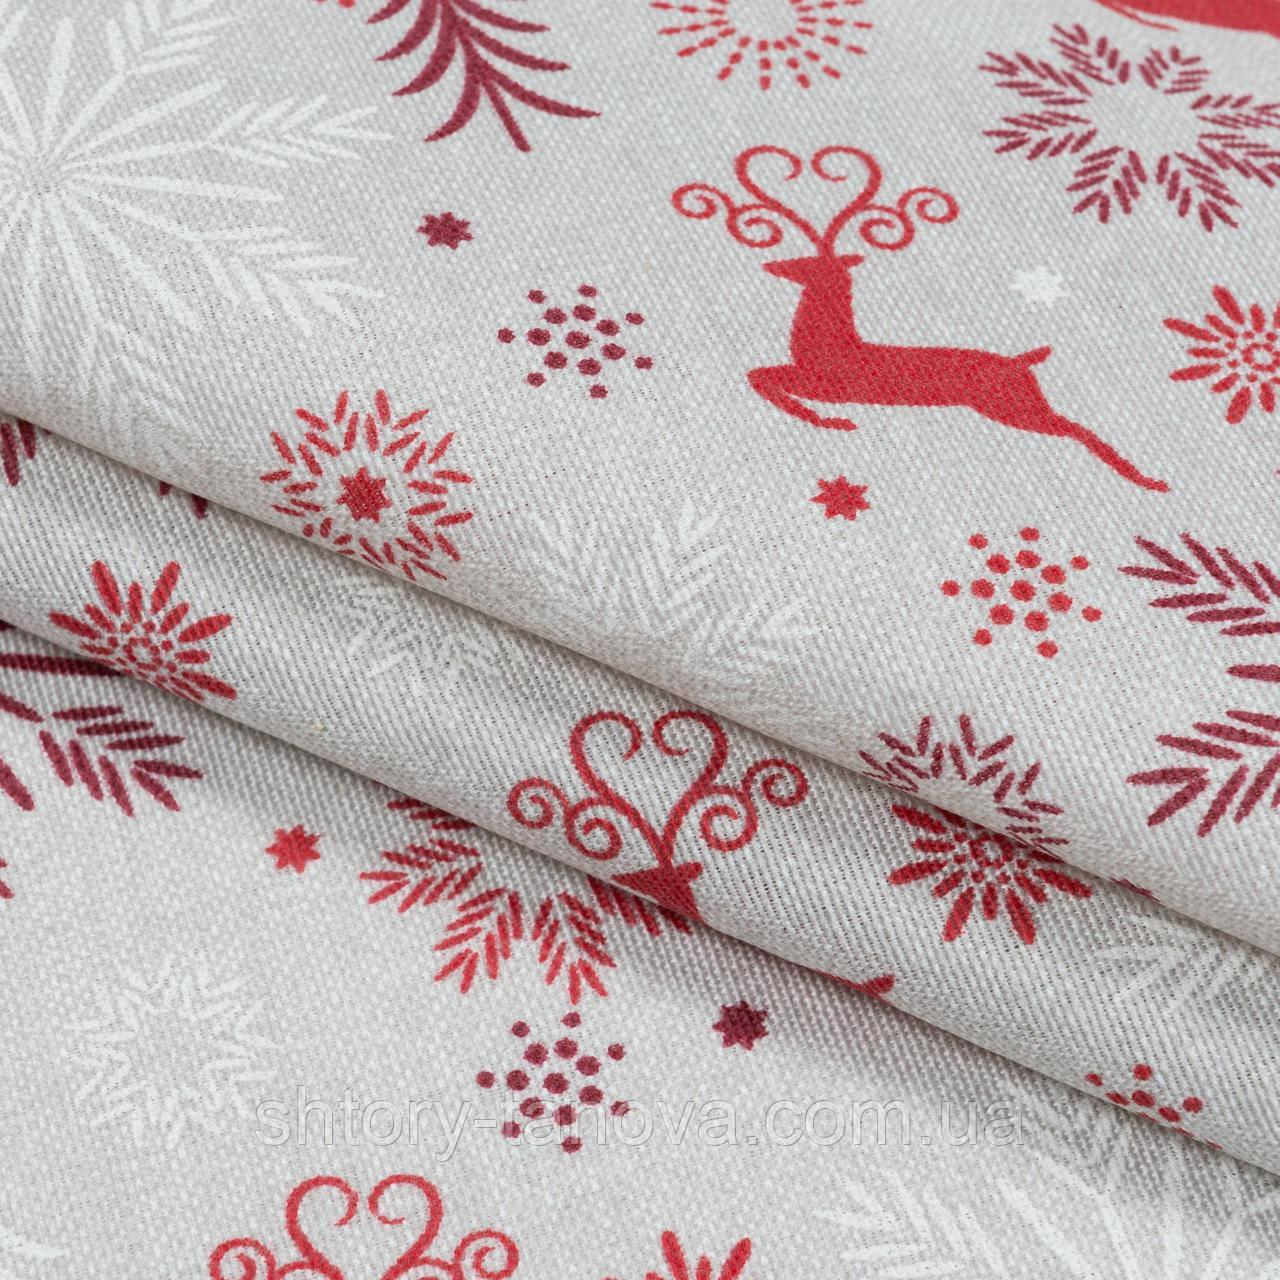 Декоративная новогодняя ткань с принтом олени на сером фоне Ткани для штор на метраж с пошивом